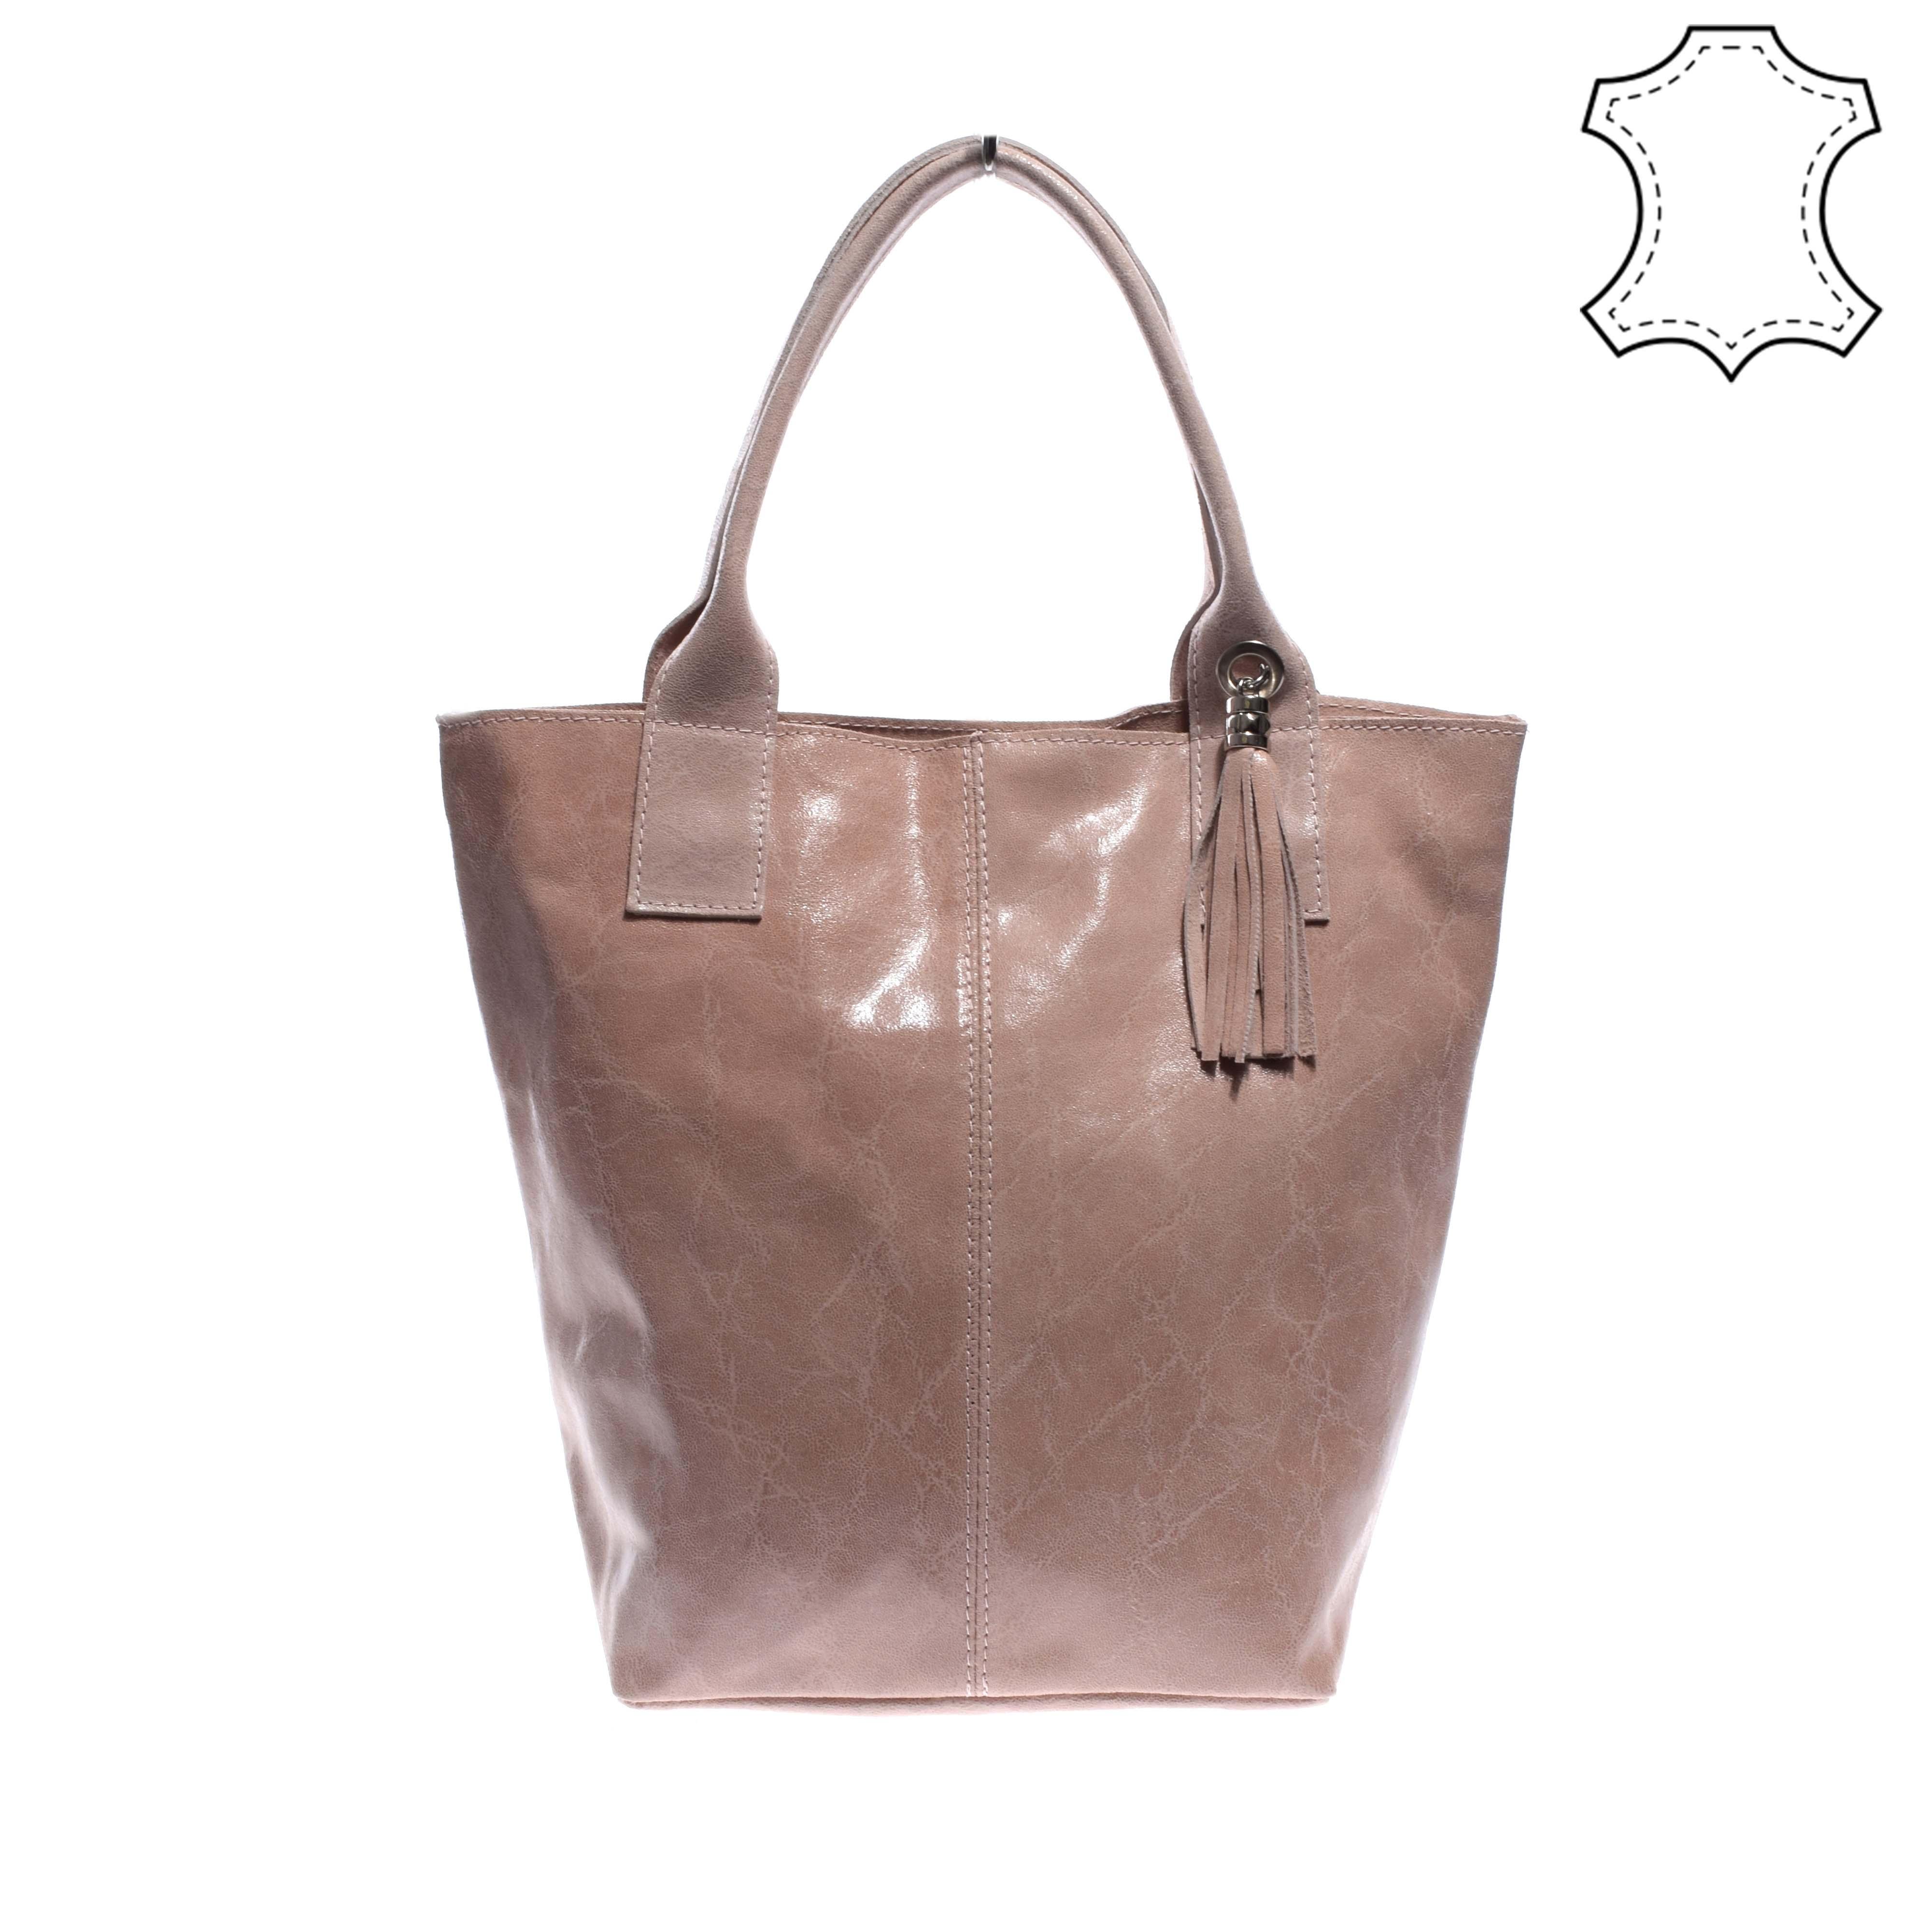 c98c8c2dc92f Női rózsaszín lakkozott valódibőr válltáska - VALÓDI BŐRTÁSKÁK - Táska  webáruház - Minőségi táskák mindenkinek